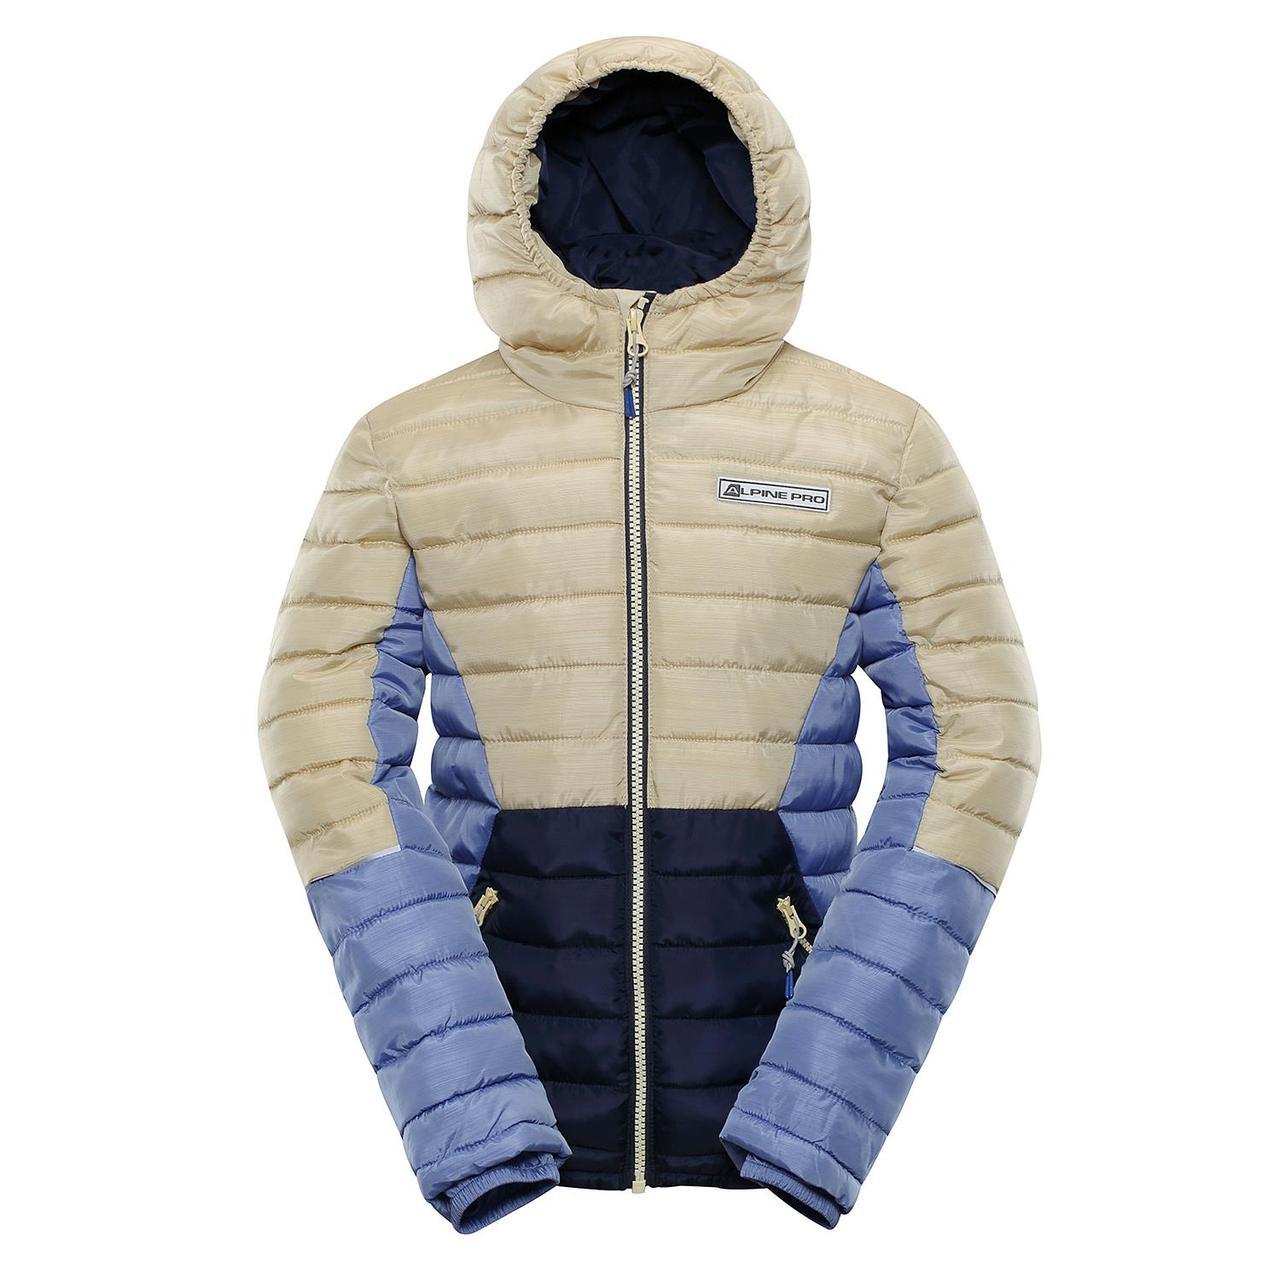 Куртка BARROKO 128-134, бежевый - фото 1